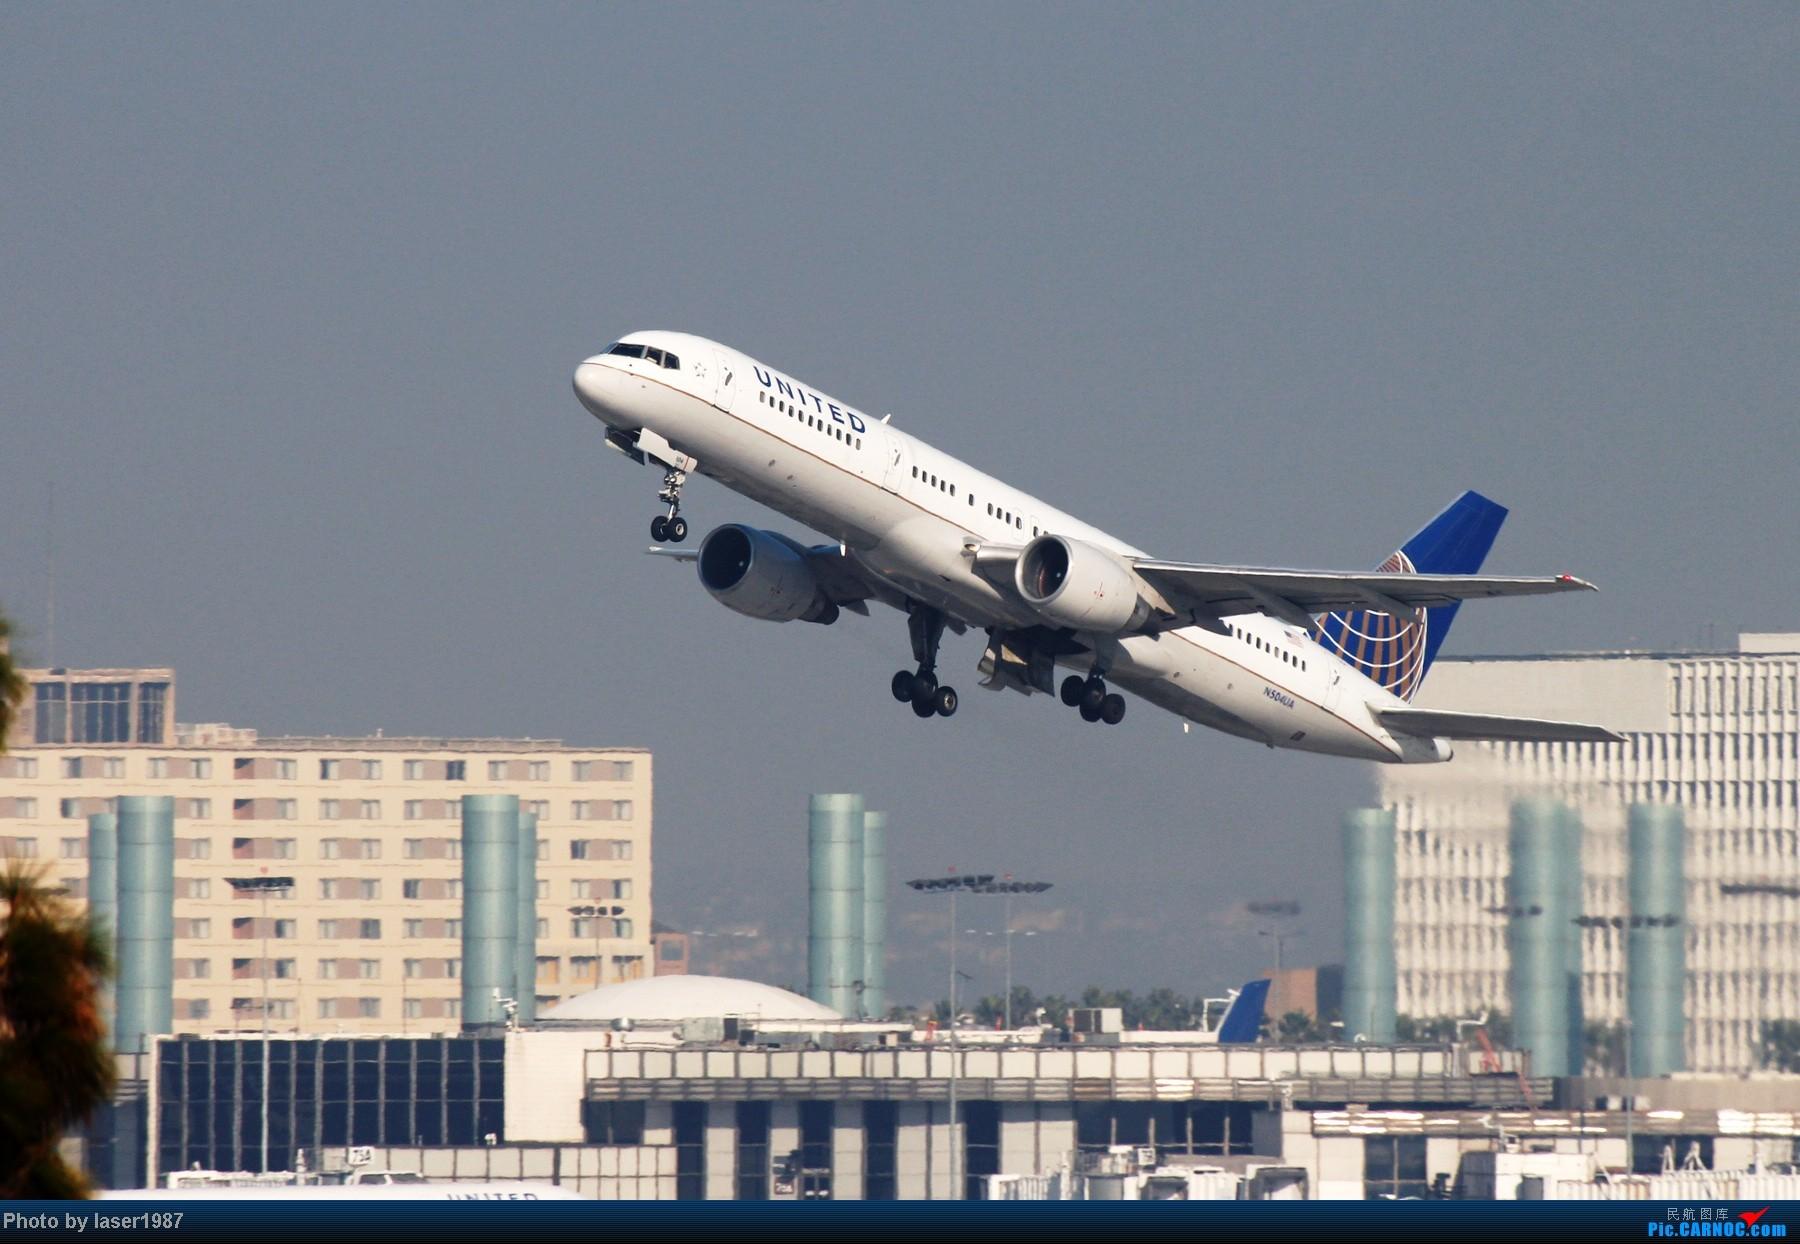 Re:[原创]洛杉矶国际机场拍飞机,更新2014.01.01图片 BOEING 757-200 N504UA 美国洛杉矶机场